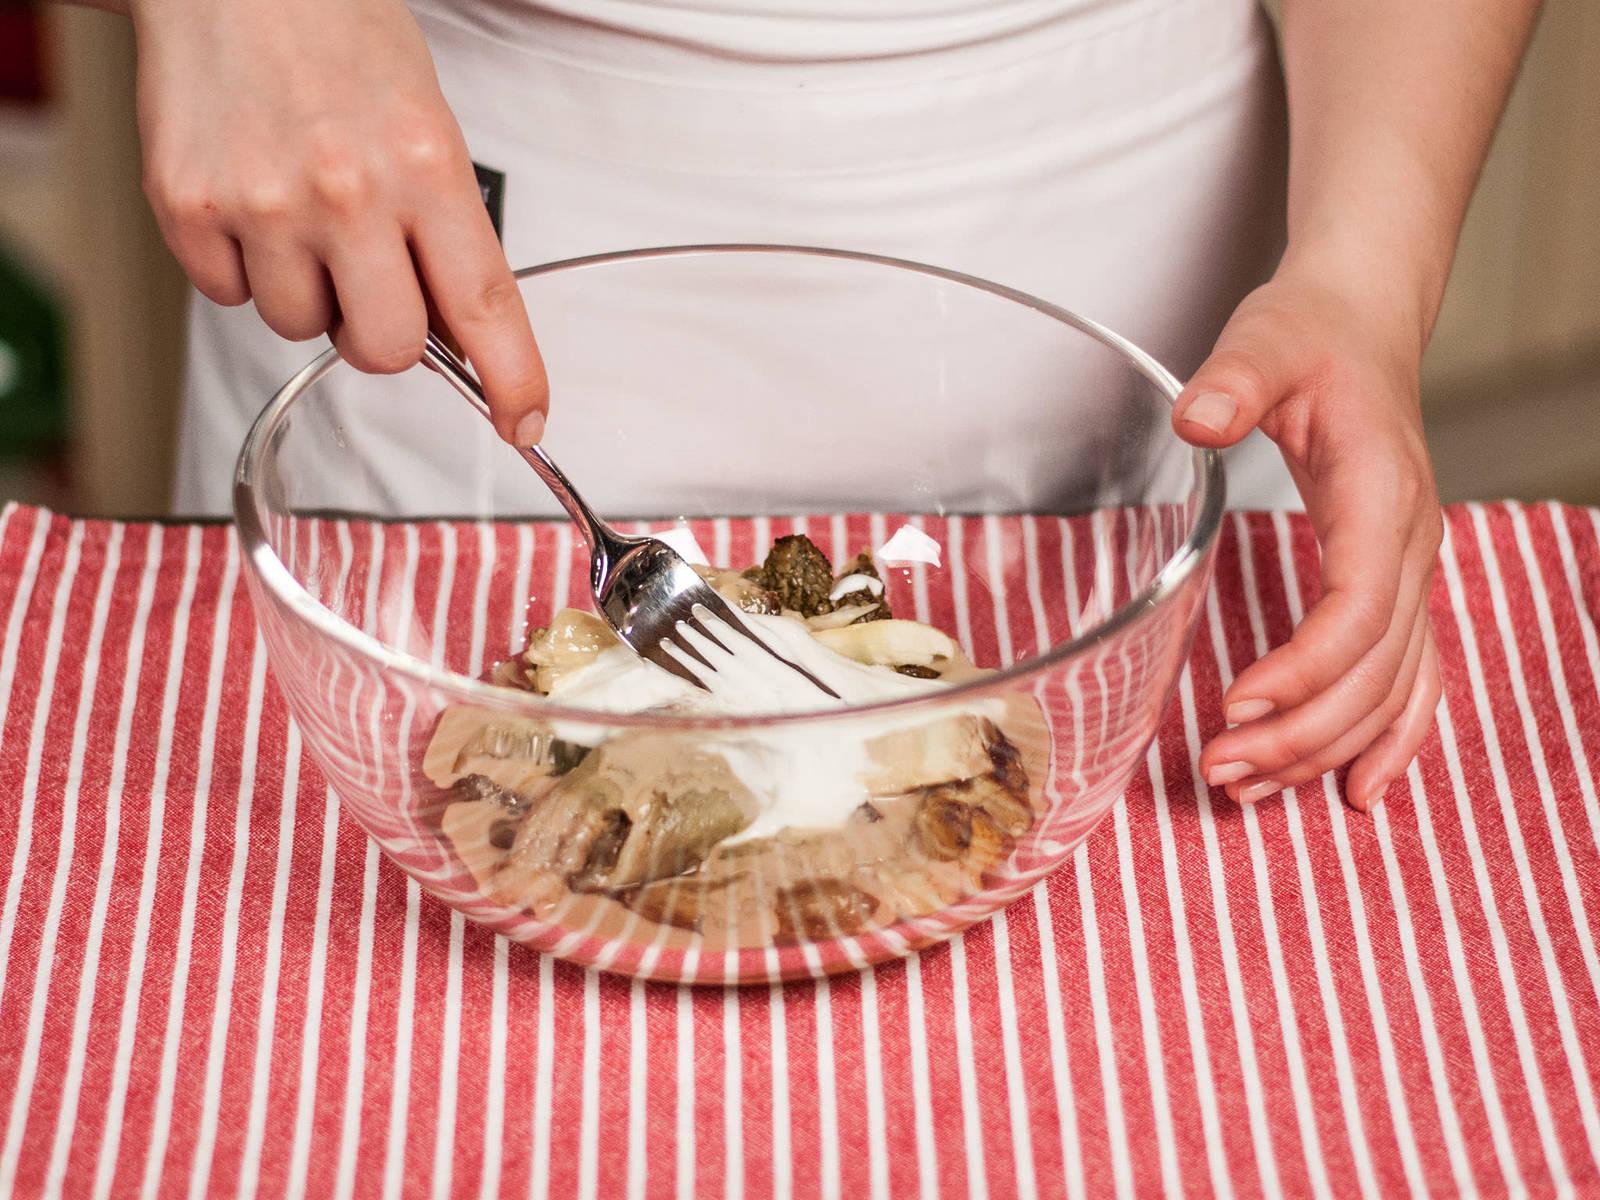 将百里香叶与蒜剁细碎,放入茄子泥中,同时加入芝麻酱、原味酸奶与柠檬汁,搅拌均匀。加盐与胡椒粉调味,佐以新鲜蔬菜条享用。